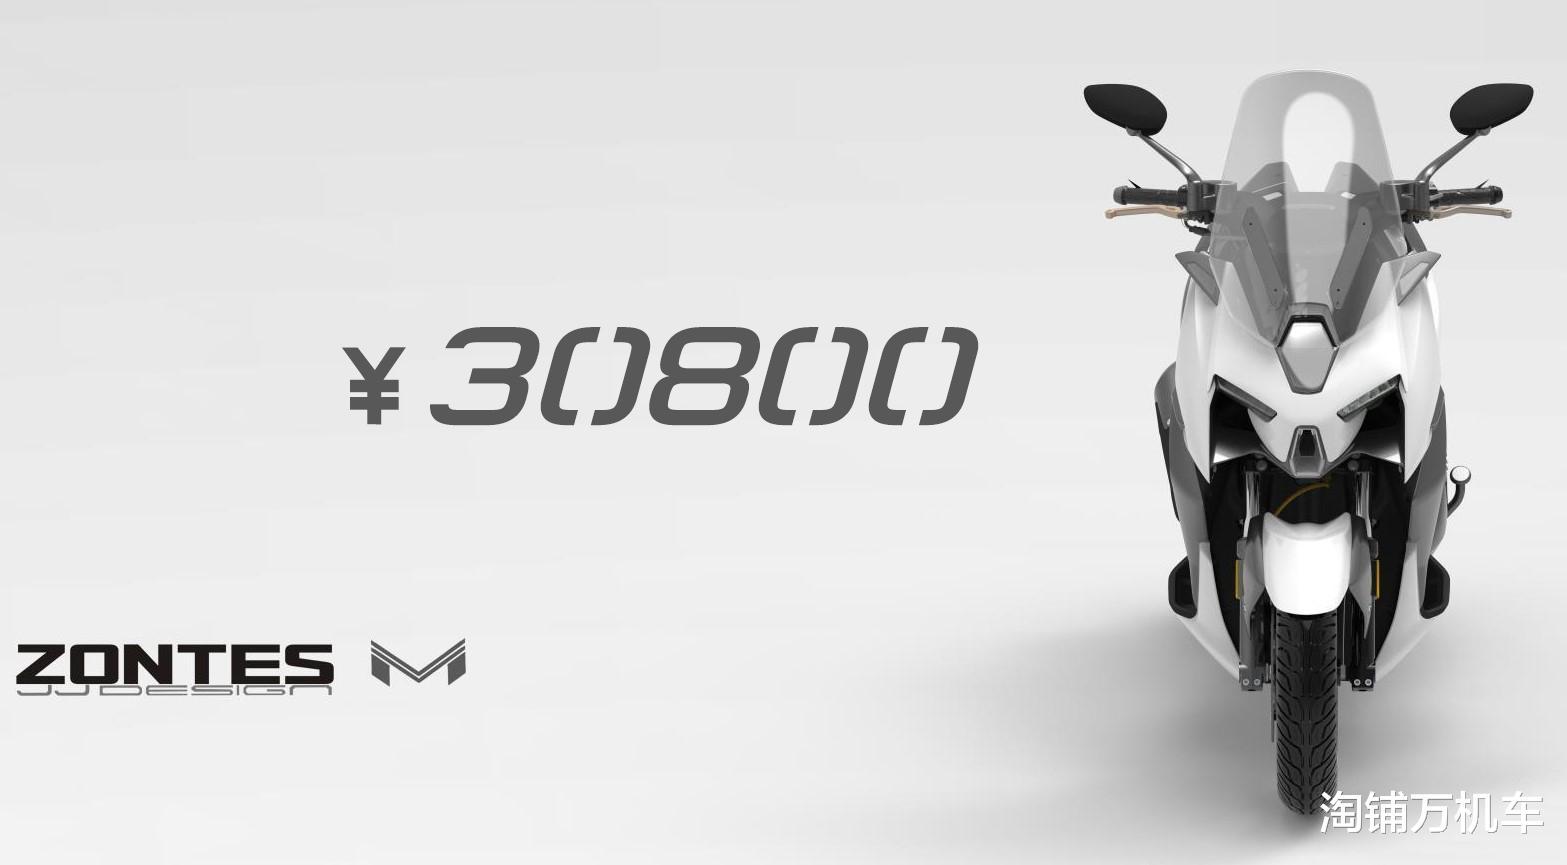 升仕310M量產車亮相 配置性能同級最強 大踏板界攪局者誕生-圖2